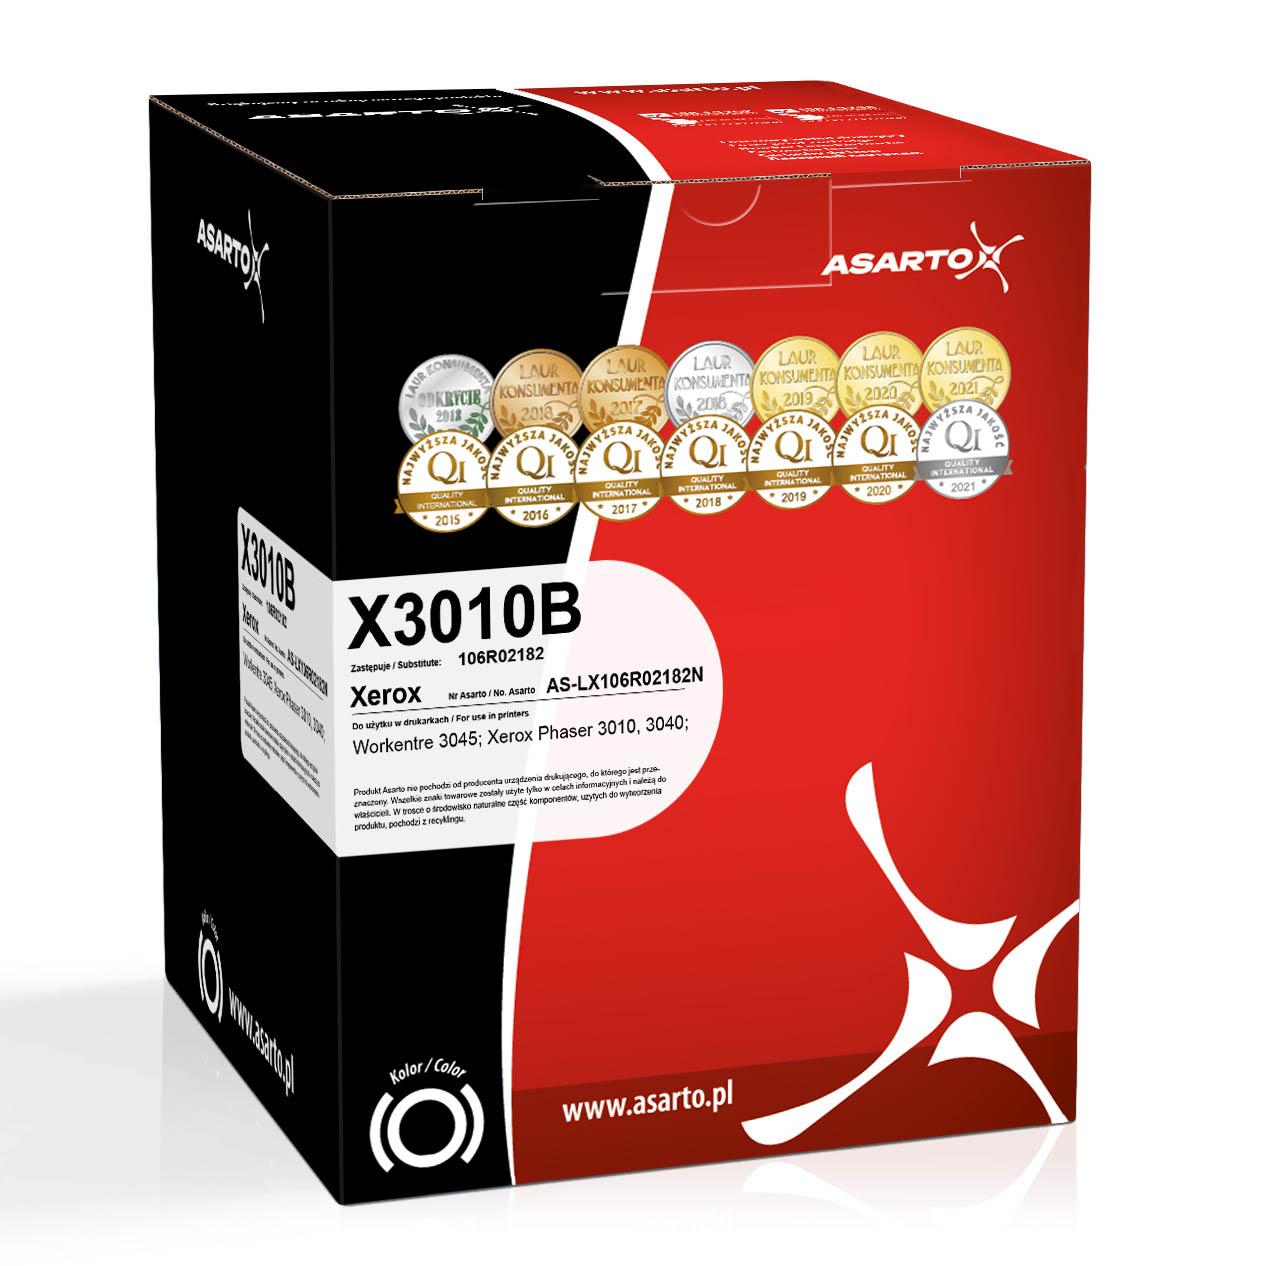 Toner Asarto do Xerox X3010B | 106R02182 | 2300 str. | black